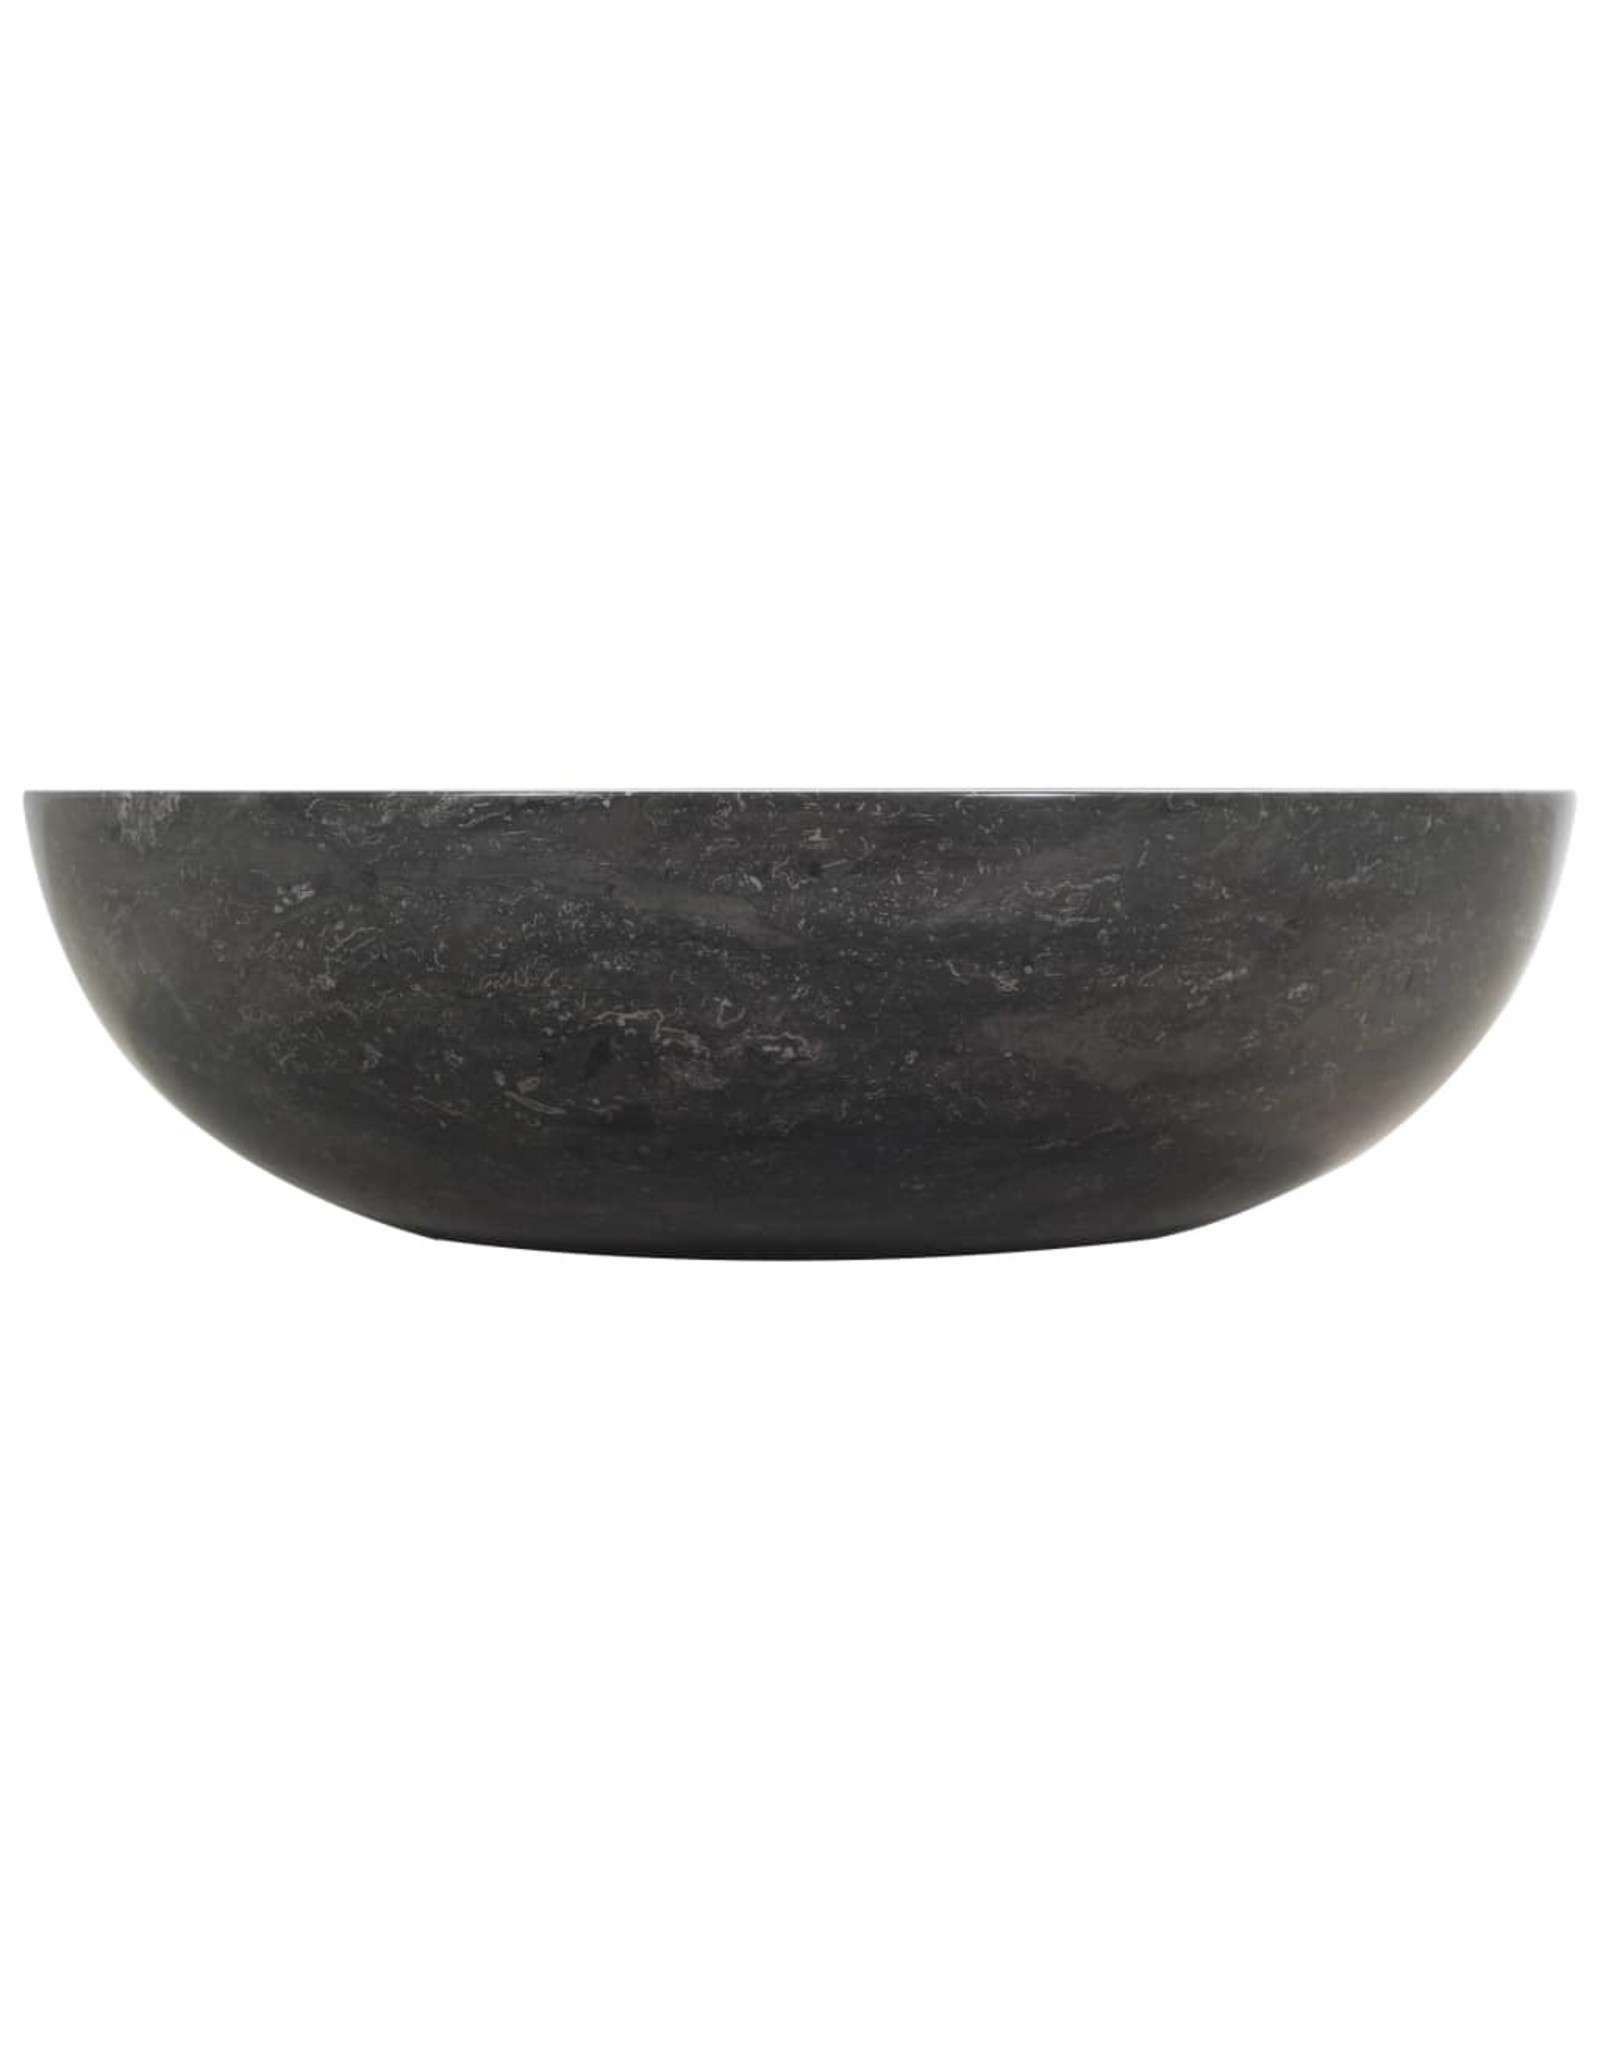 Gootsteen 40x12 cm marmer zwart